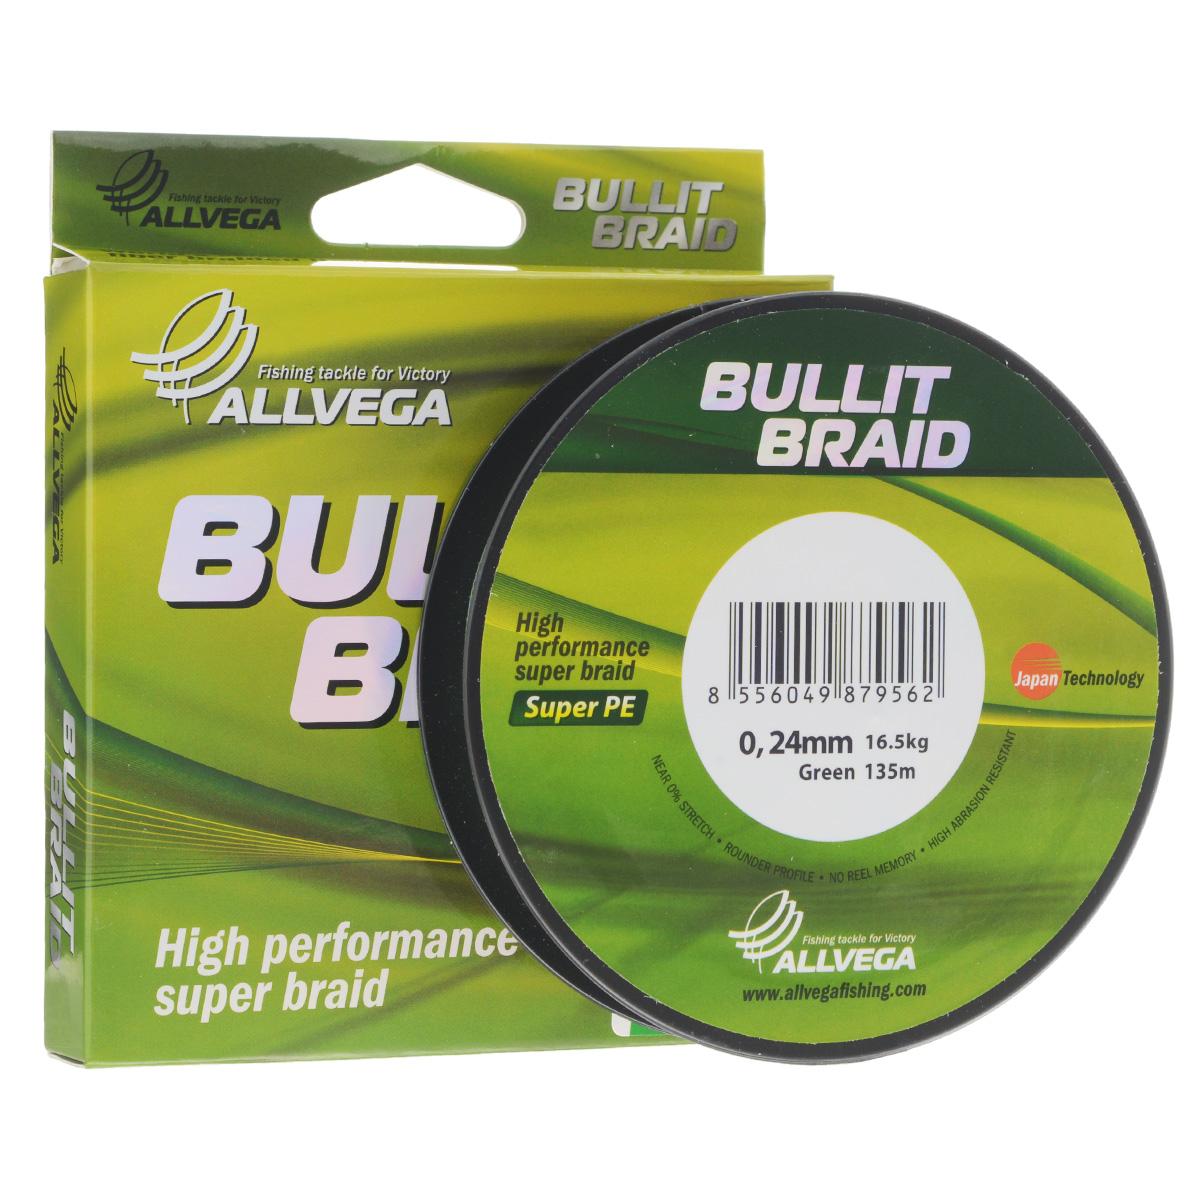 Леска плетеная Allvega Bullit Braid, цвет: темно-зеленый, 135 м, 0,24 мм, 16,5 кг21445Леска Allvega Bullit Braid с гладкой поверхностью и одинаковым сечением по всей длине обладает высокой износостойкостью. Благодаря микроволокнам полиэтилена (Super PE) леска имеет очень плотное плетение и не впитывает воду. Леску Allvega Bullit Braid можно применять в любых типах водоемов. Особенности: повышенная износостойкость; высокая чувствительность - коэффициент растяжения близок к нулю; отсутствует память; идеально гладкая поверхность позволяет увеличить дальность забросов; высокая прочность шнура на узлах.